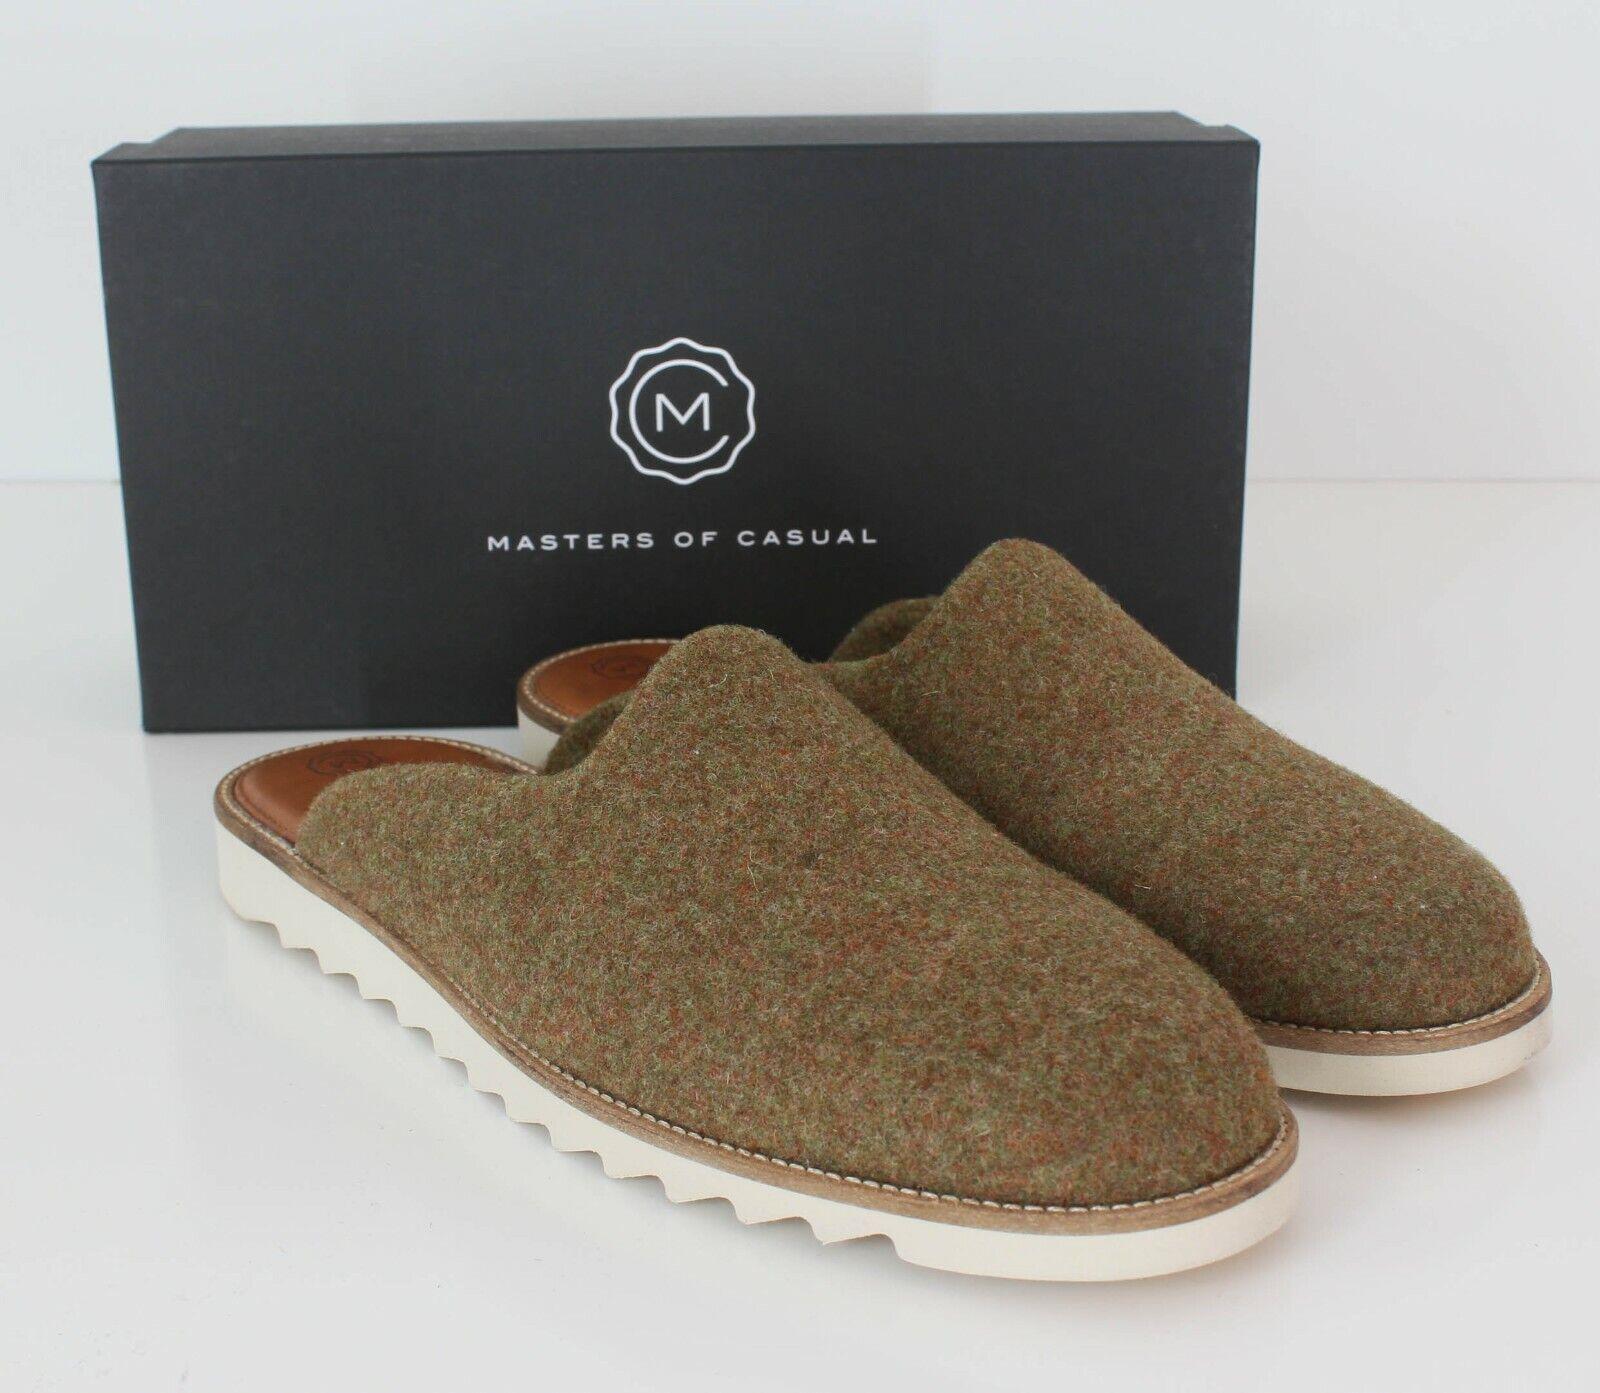 Masters Of Casual Domingo Slide Sandals Tweed Wool Cyprus NWB Portugal 46 / 13